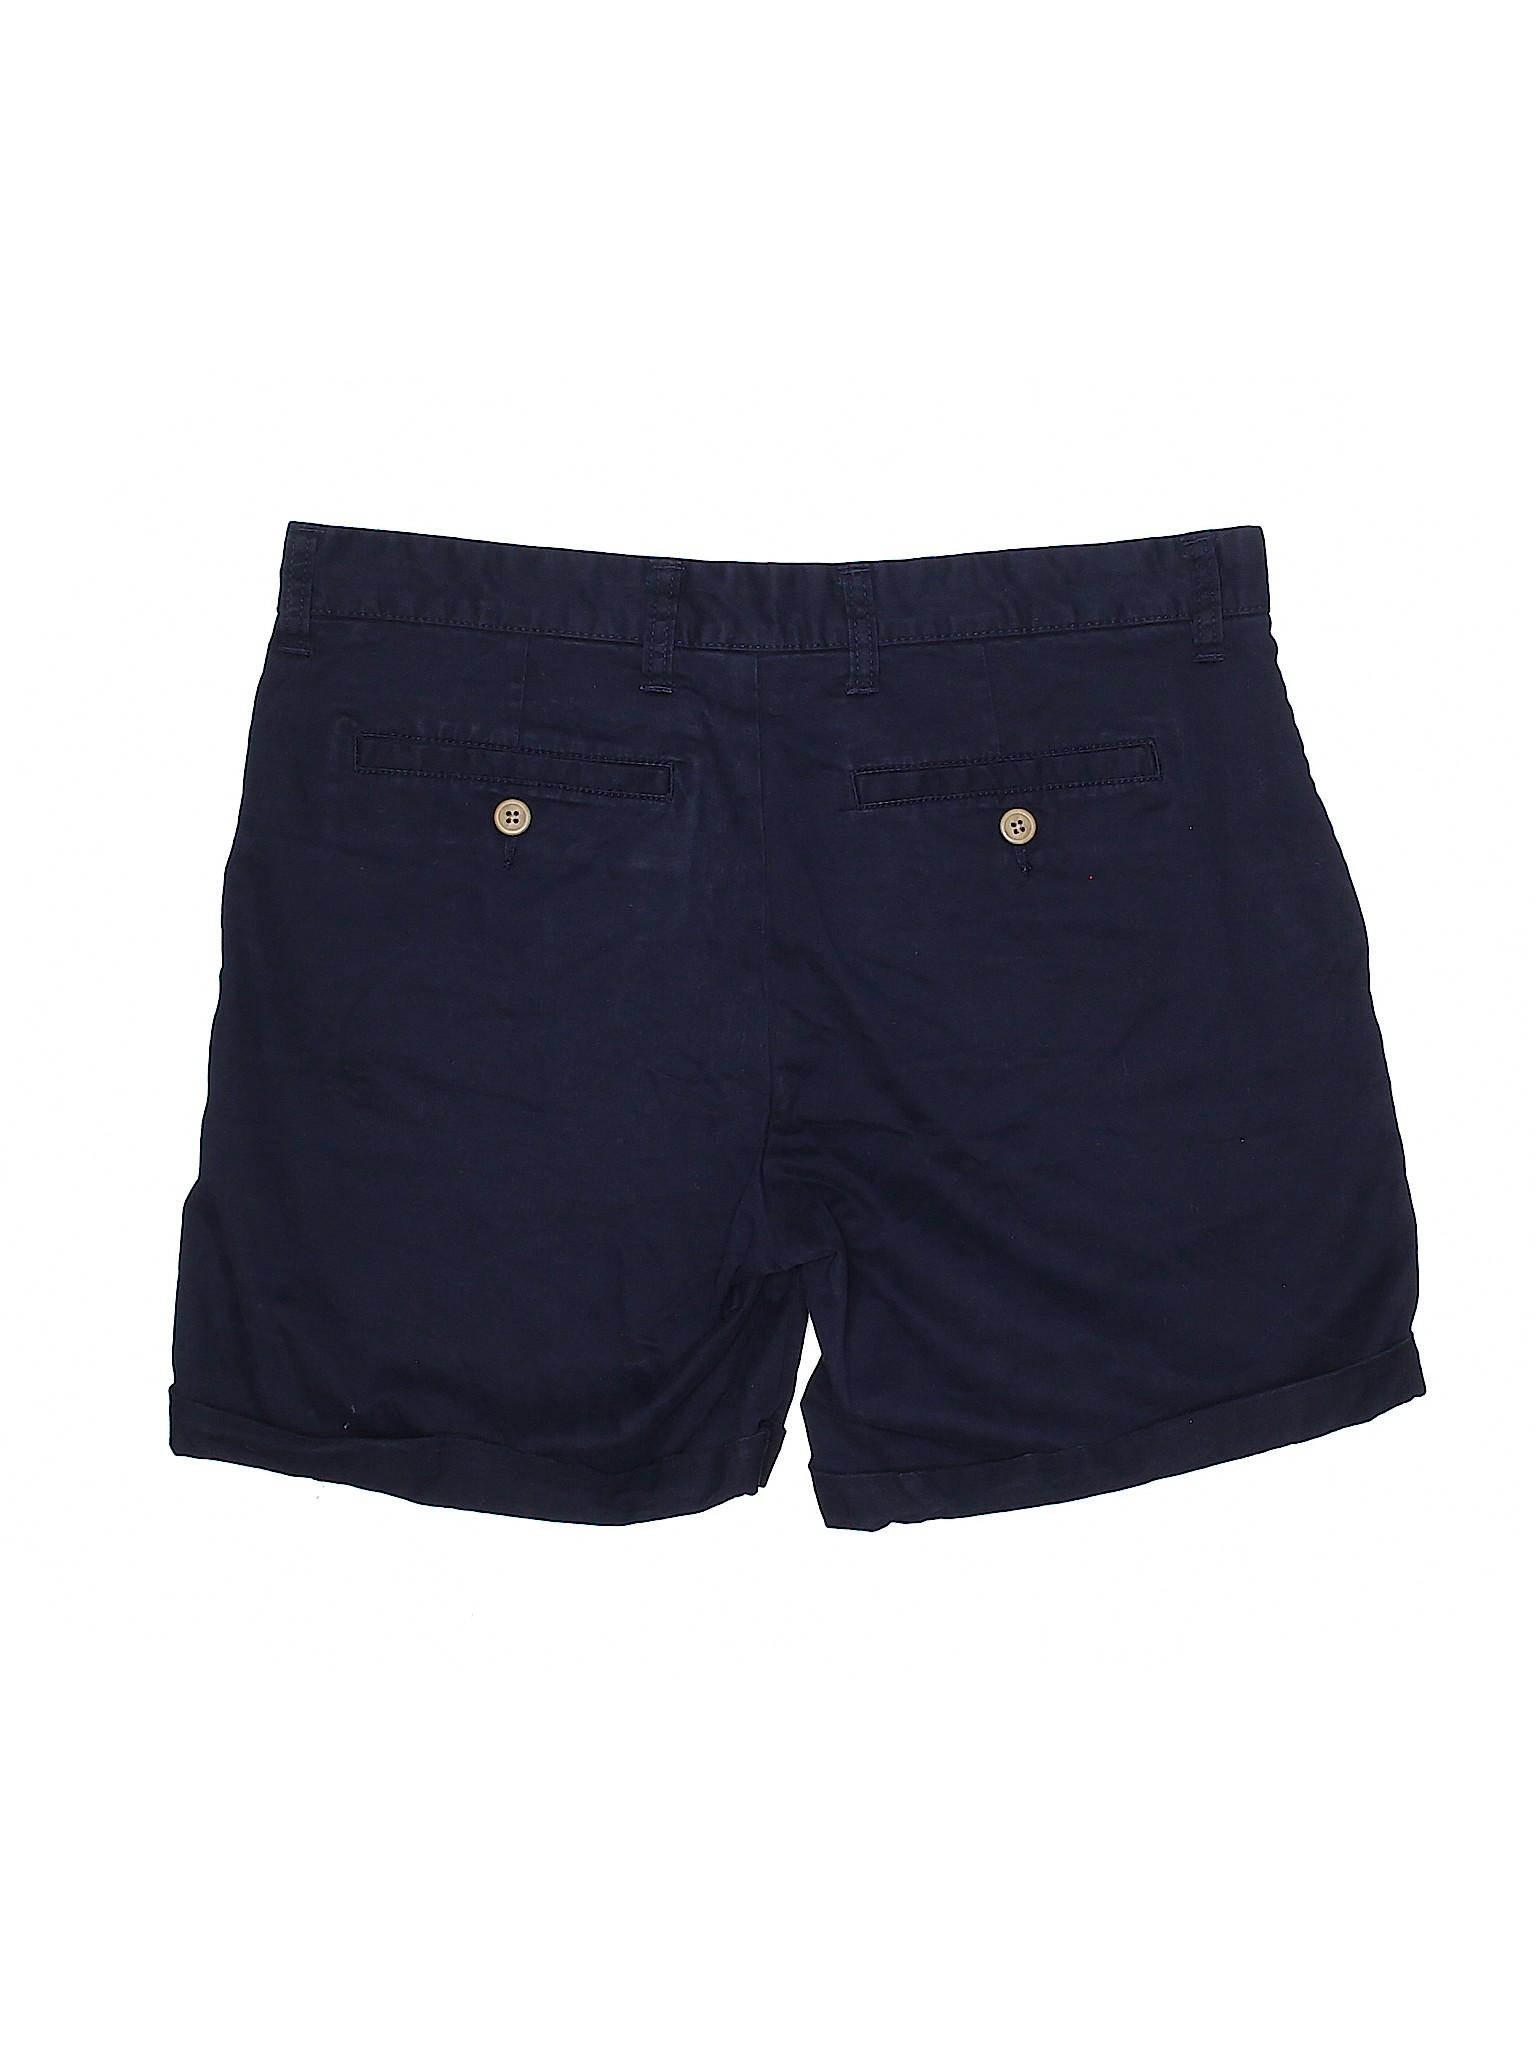 Boutique Shorts Gap Khaki Boutique Khaki Boutique Gap Shorts Tqnw580